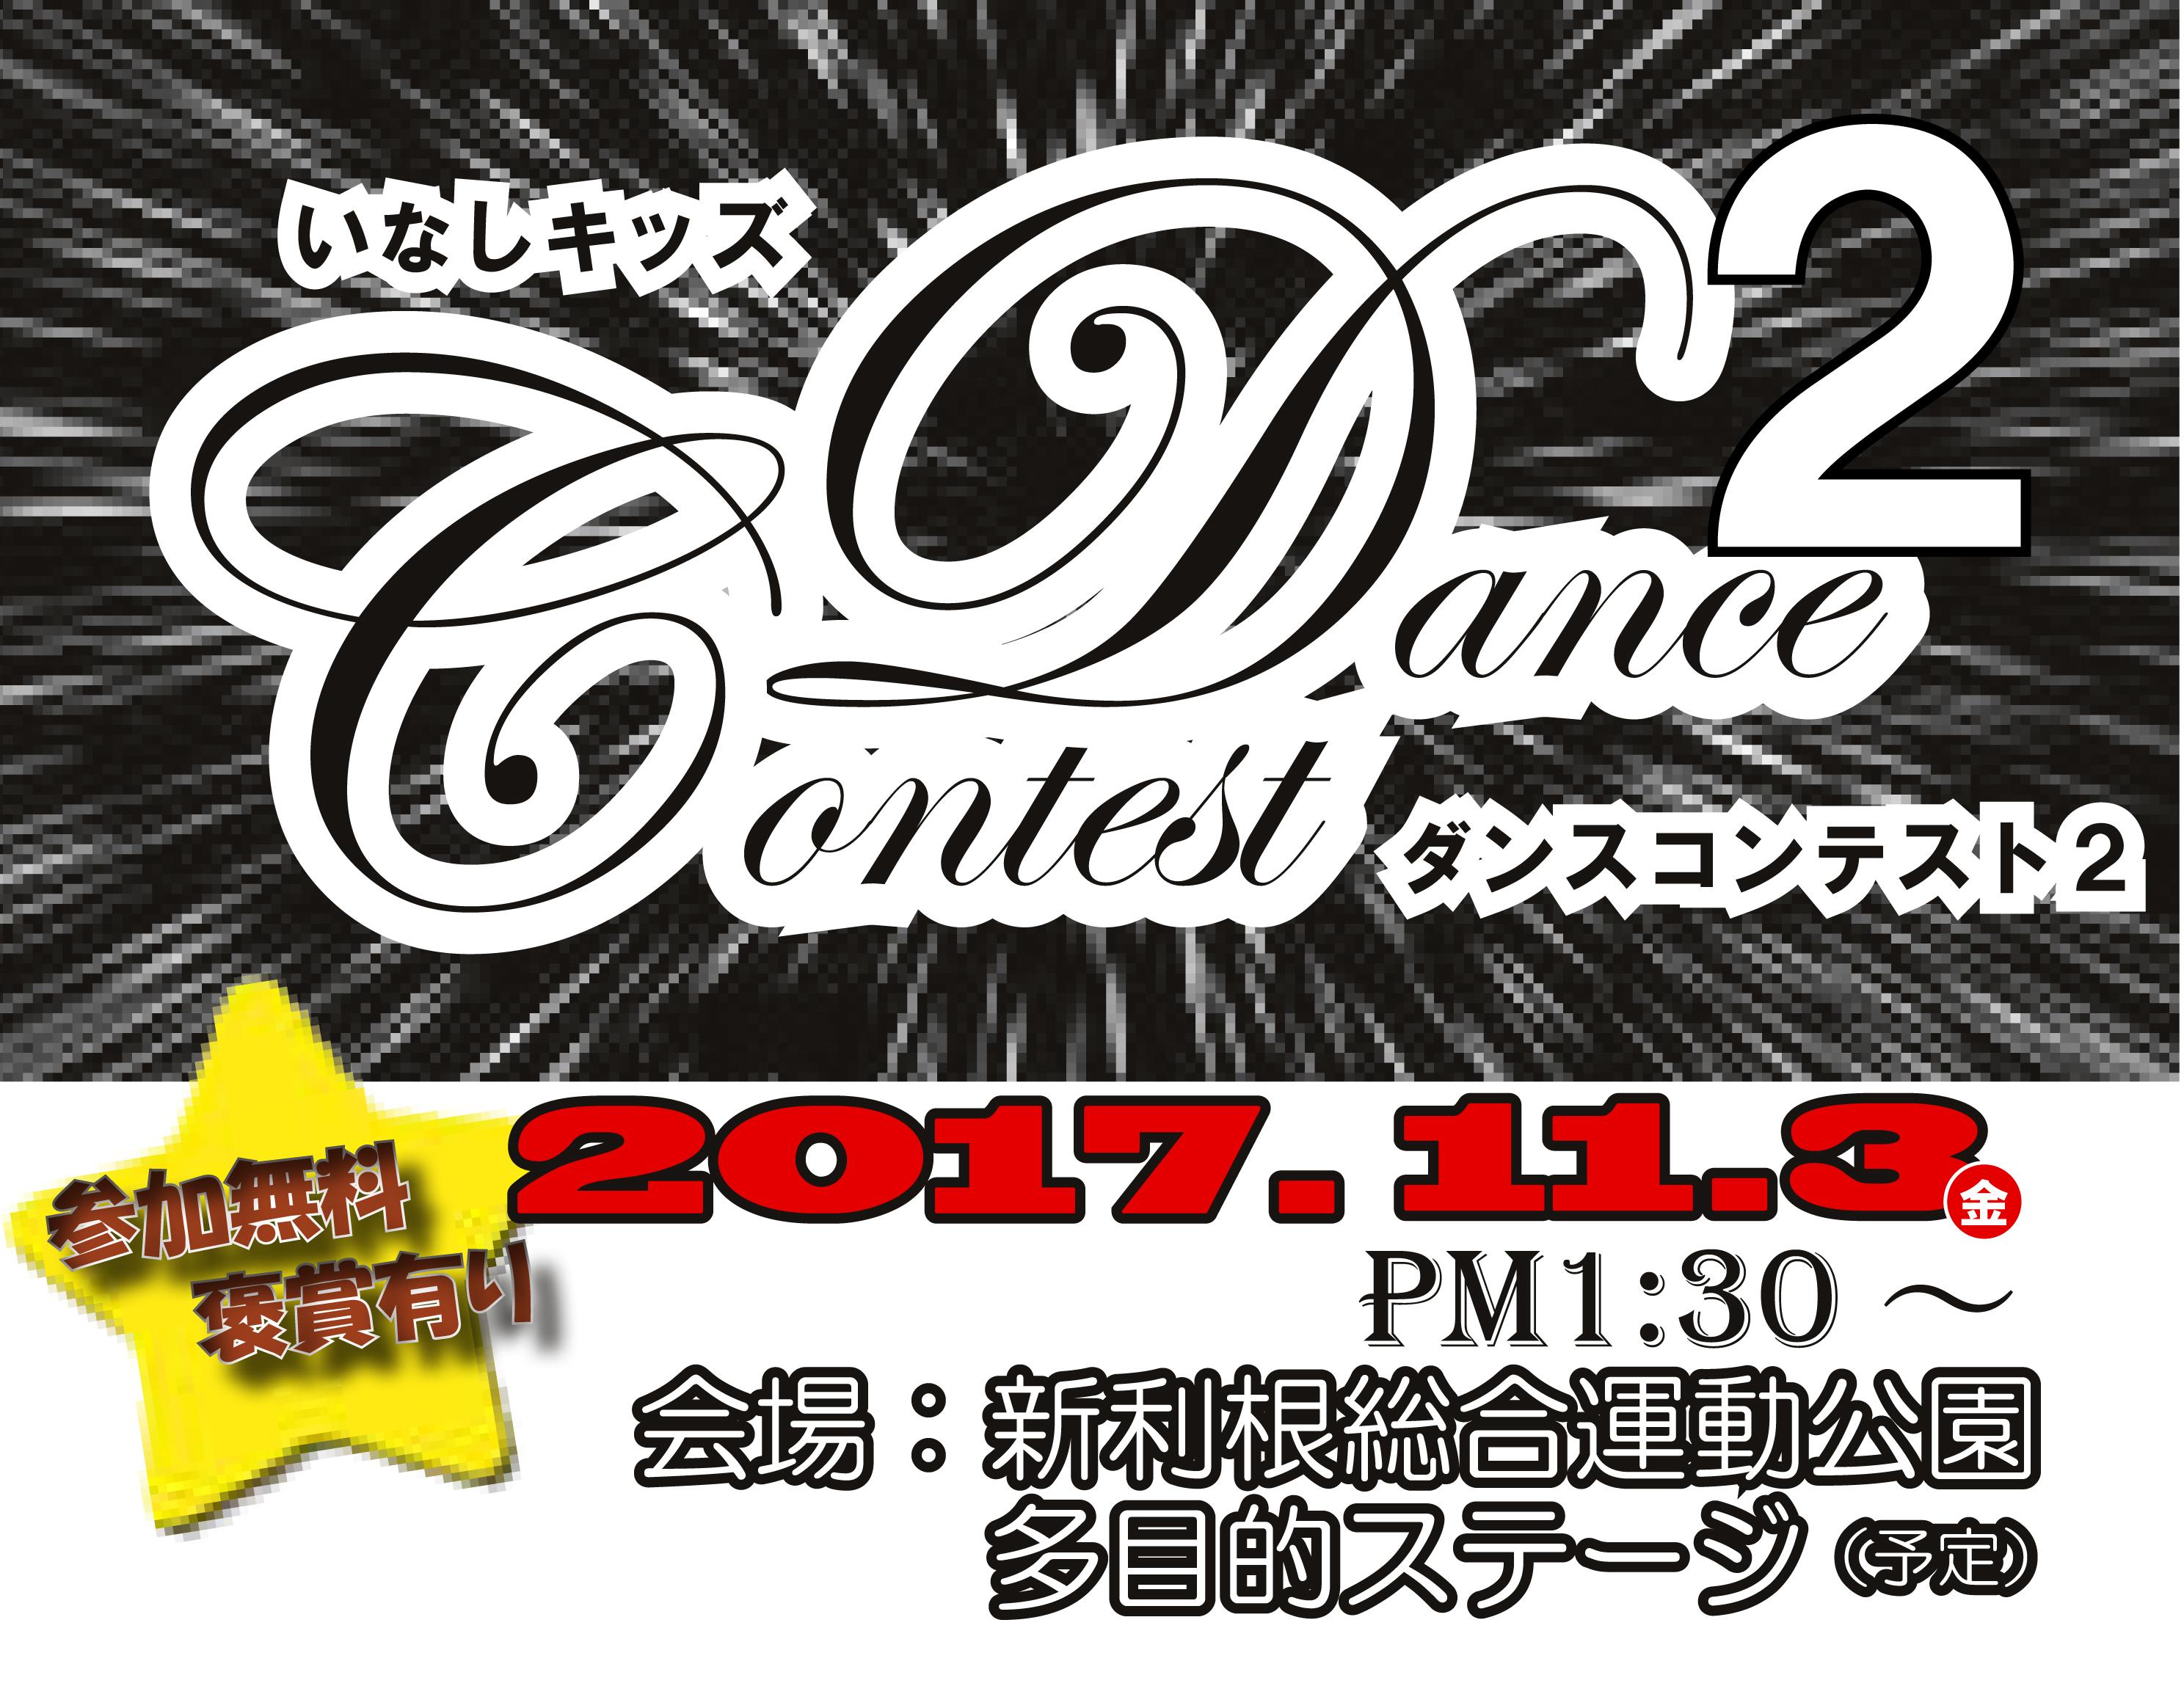 『ダンスコンテストタイトル』の画像